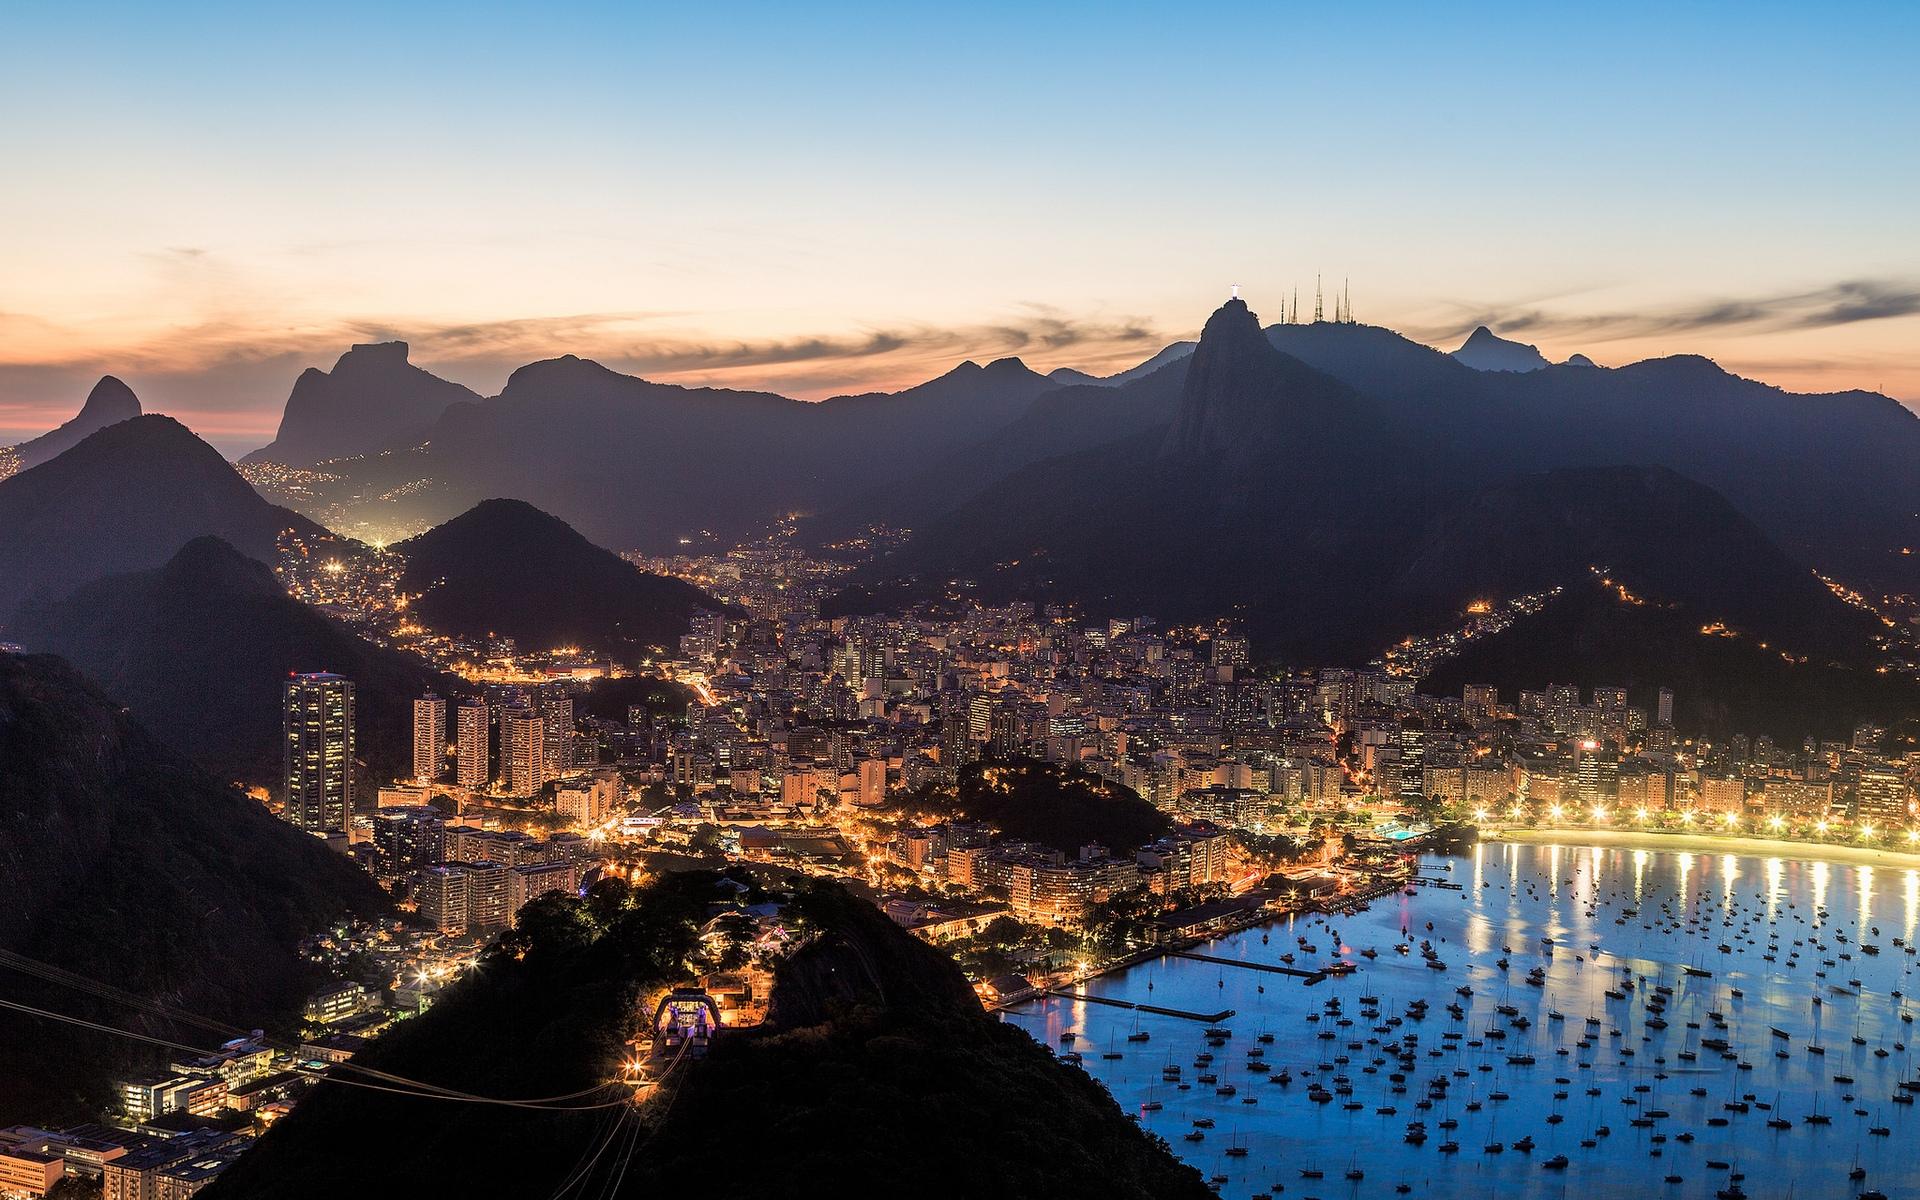 Rio De Janeiro Hd Wallpaper Wallpaperfx